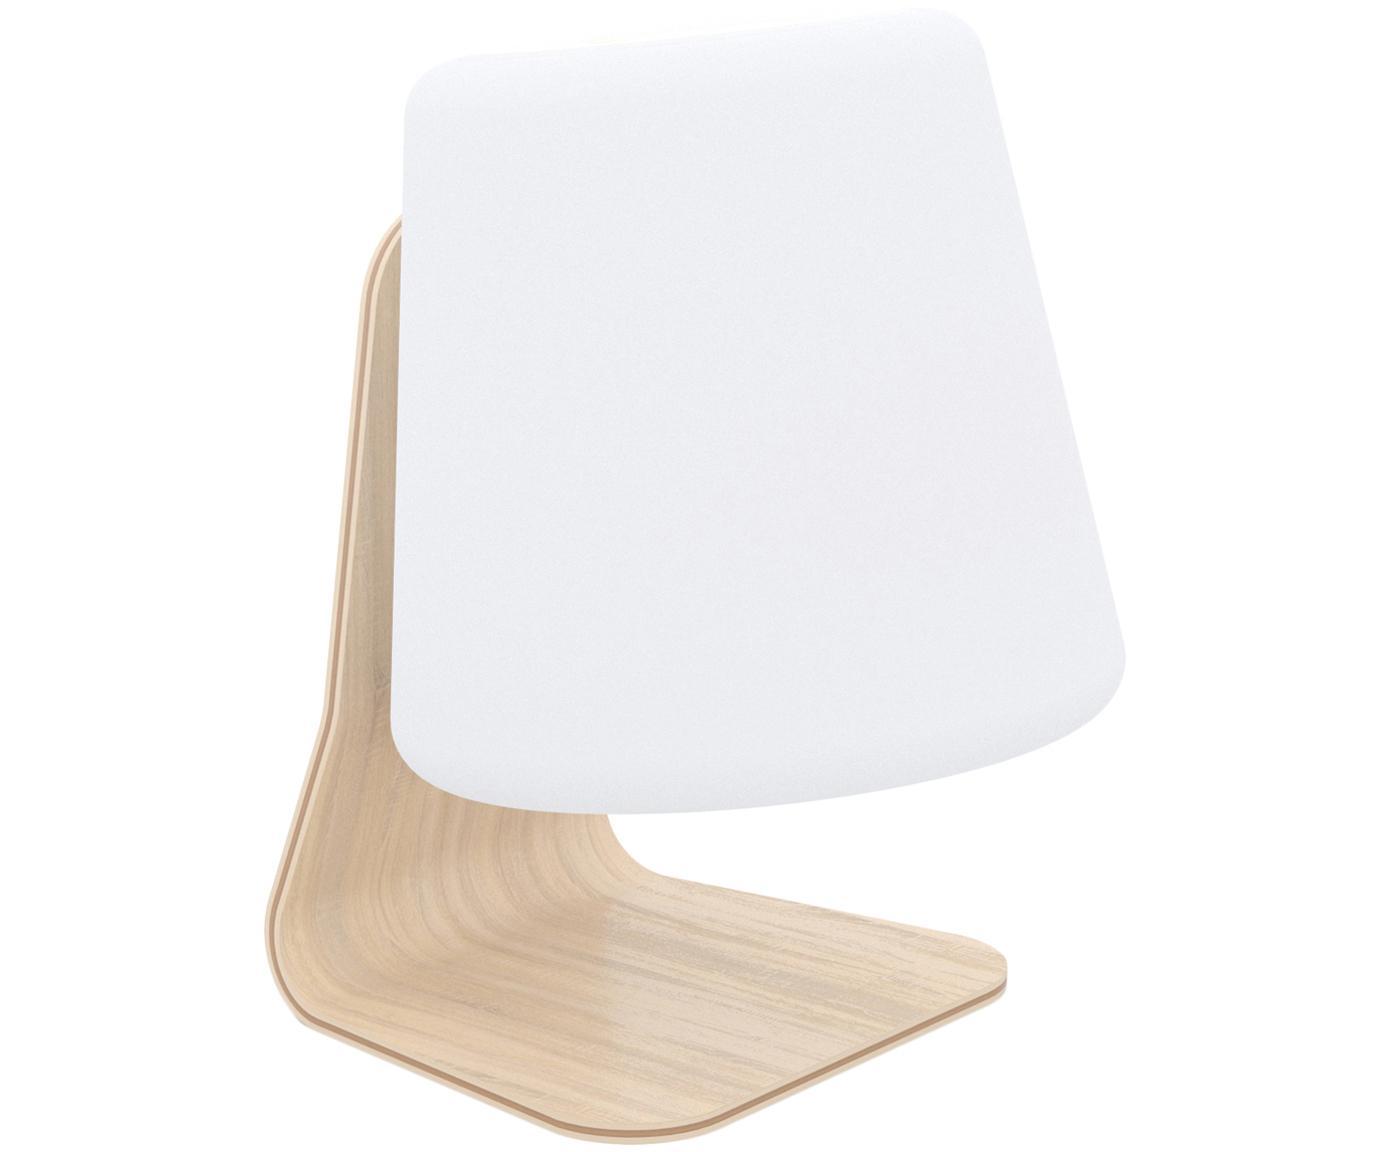 Zewnętrzna mobilna lampa LED z głośnikiem Table, Biały, jasny brązowy, S 22 x W 29 cm